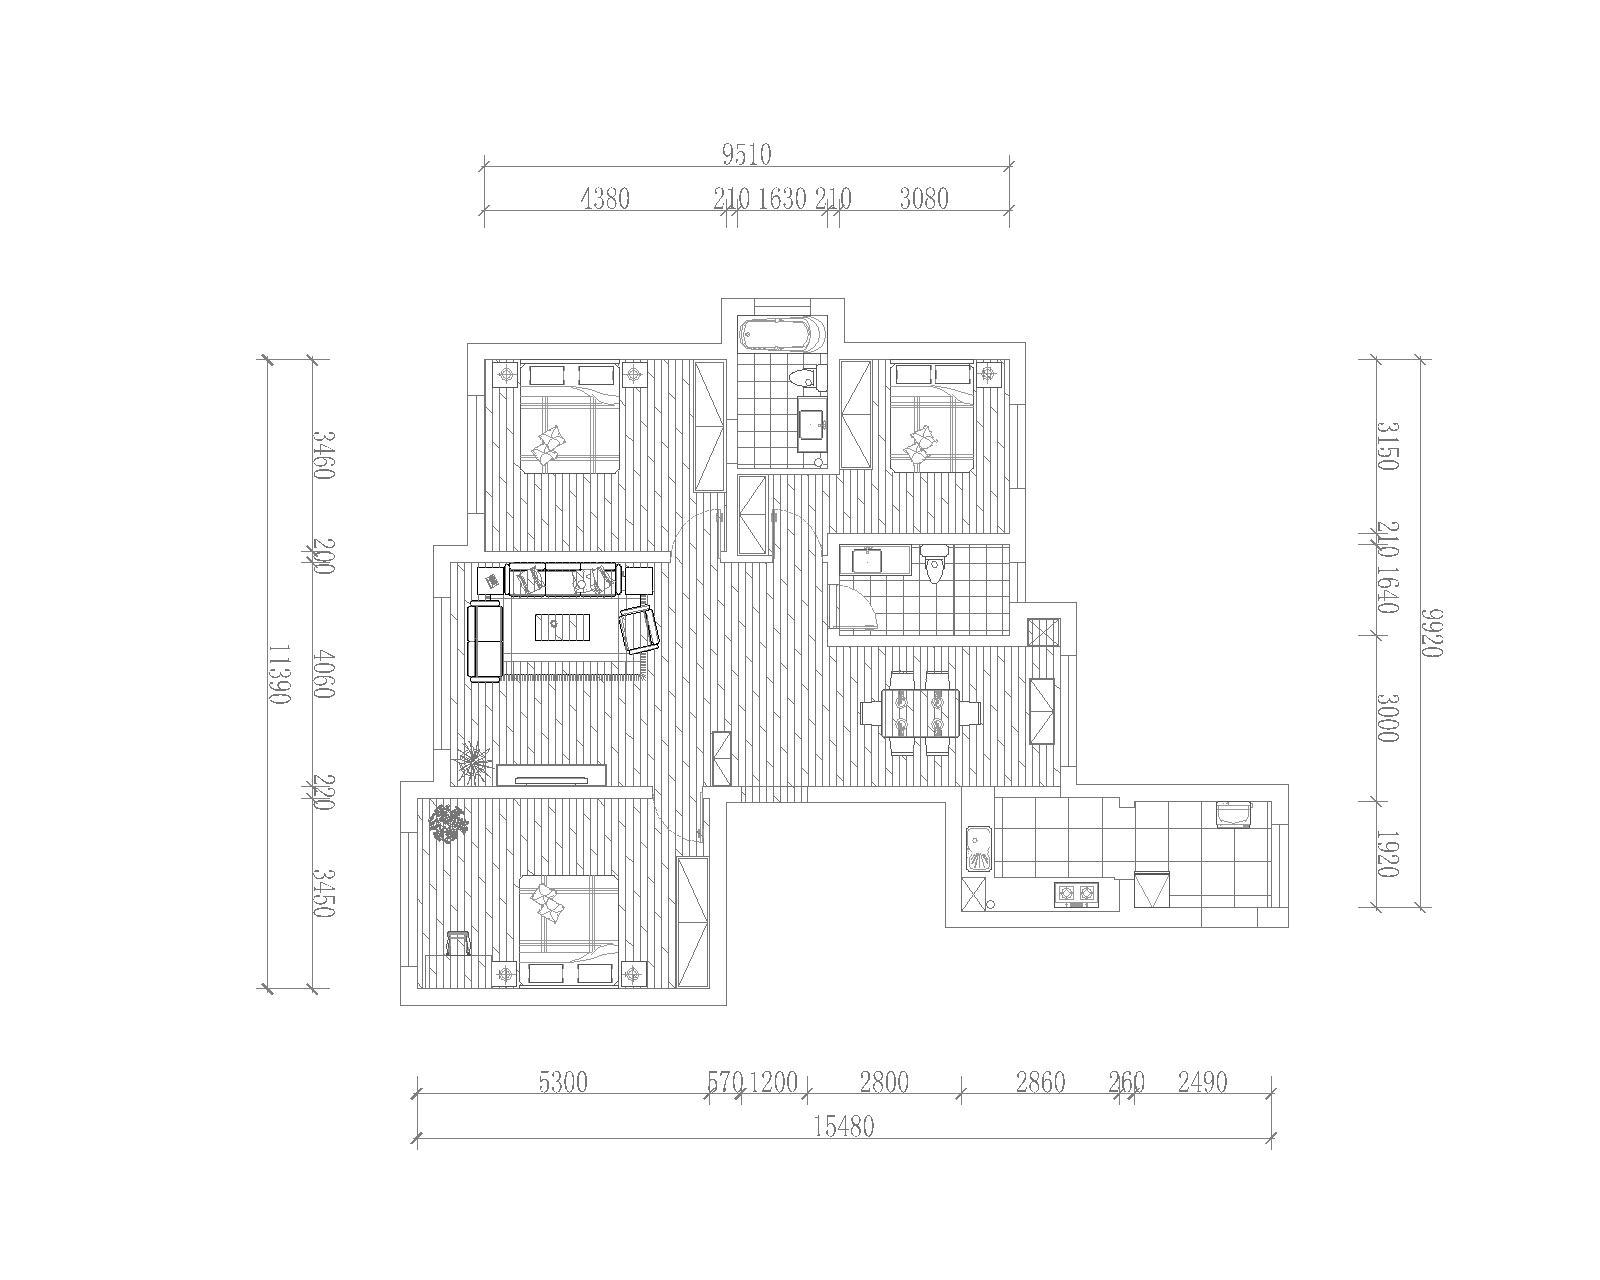 本案以白色系或黄色系为基础,搭配深棕色、金色等,表现出古典欧式风格的华贵气质。淡黄色的灯光,宽大的家具都让整个居室充满了欧式意境。